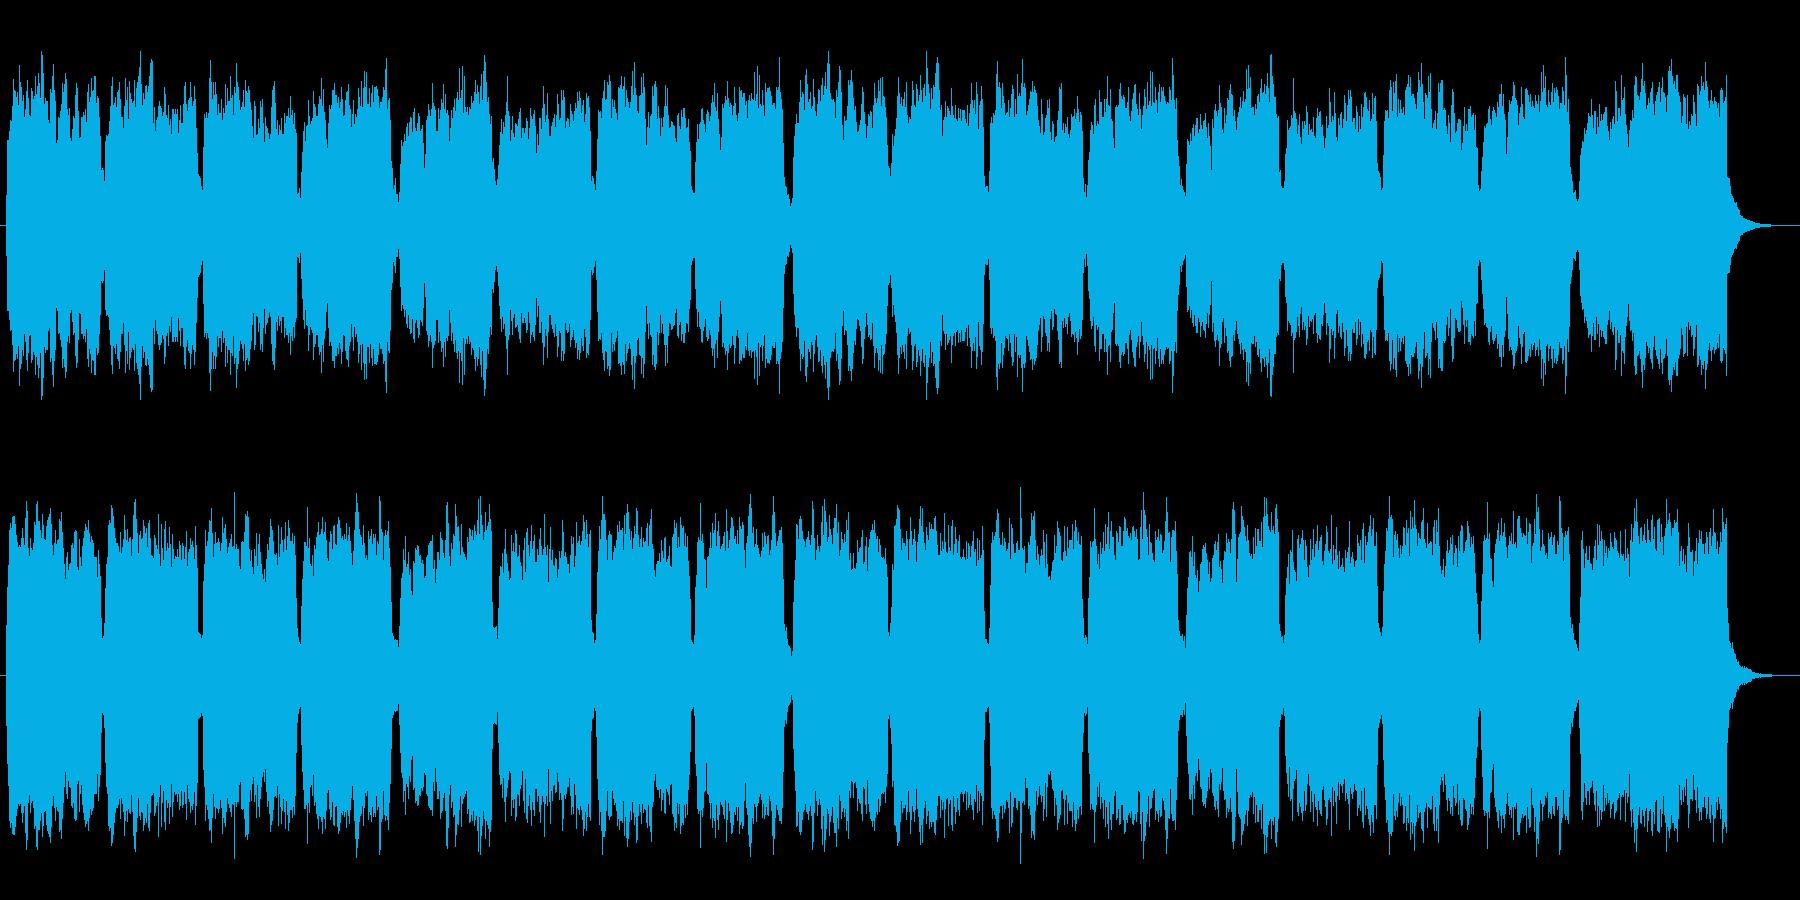 合唱とオルガン、賛美歌430番、結婚式にの再生済みの波形